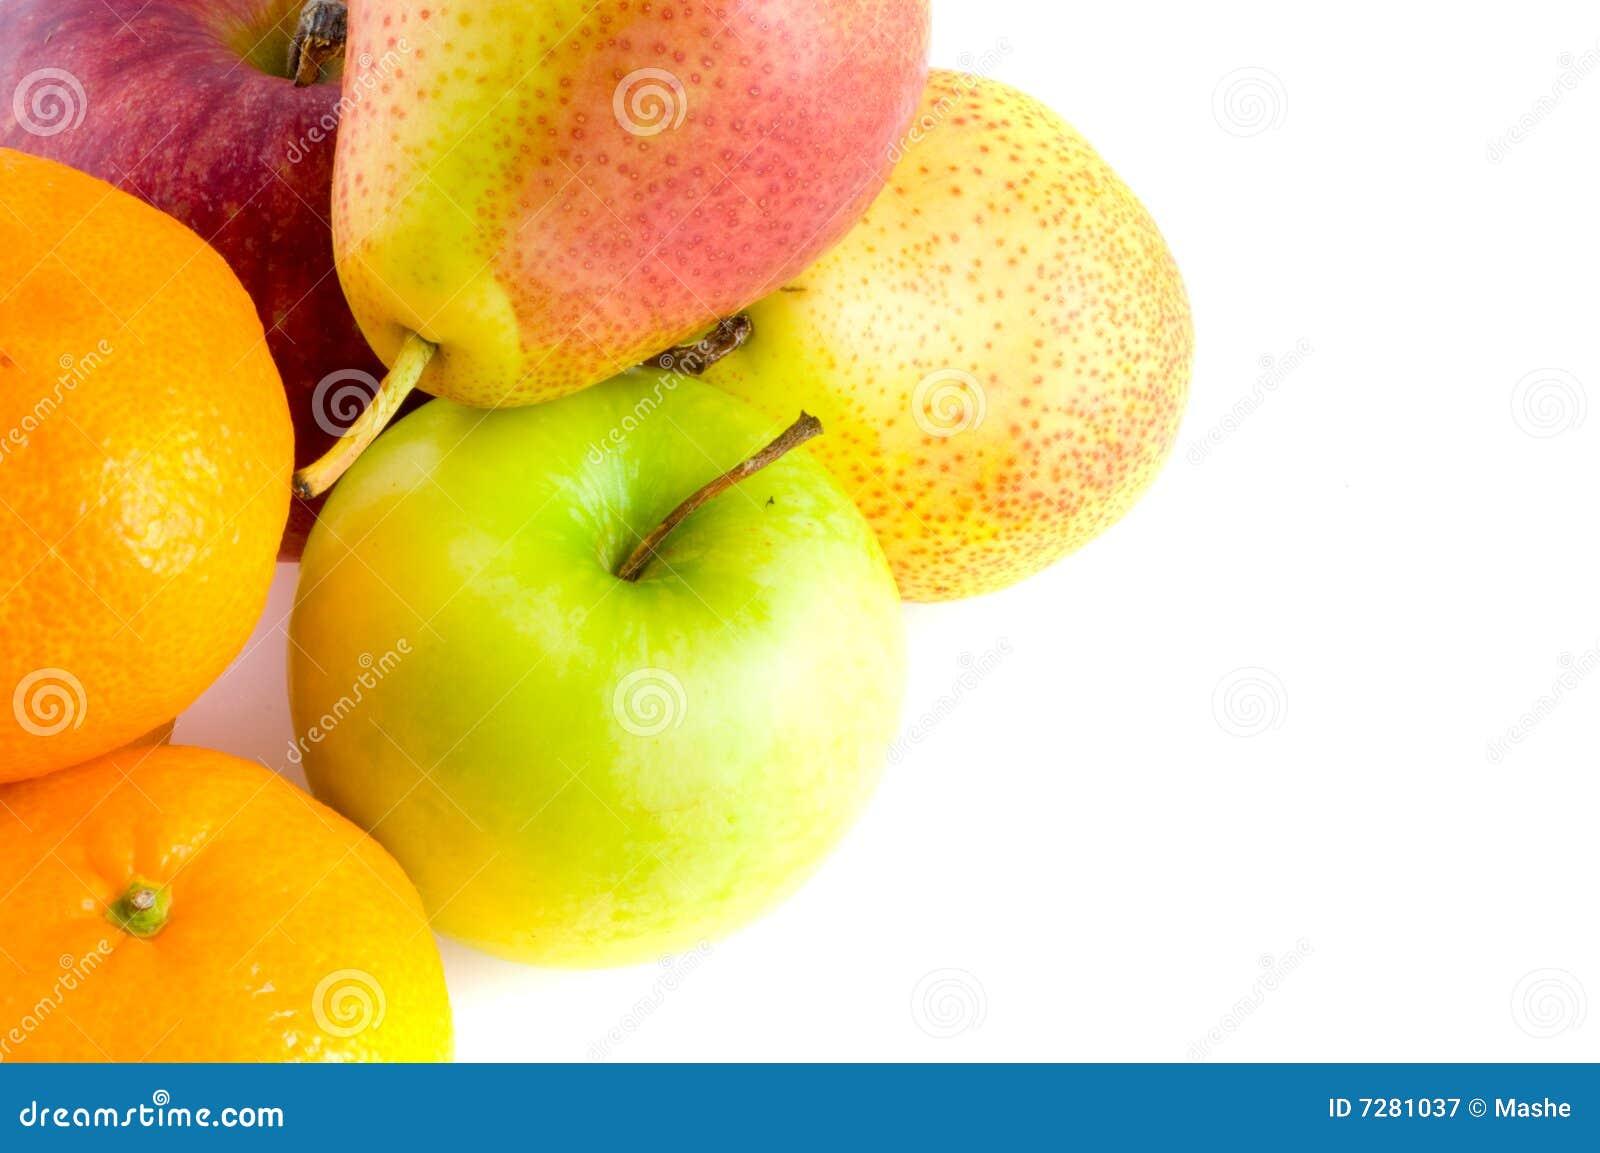 Peras y manzana roja madura.